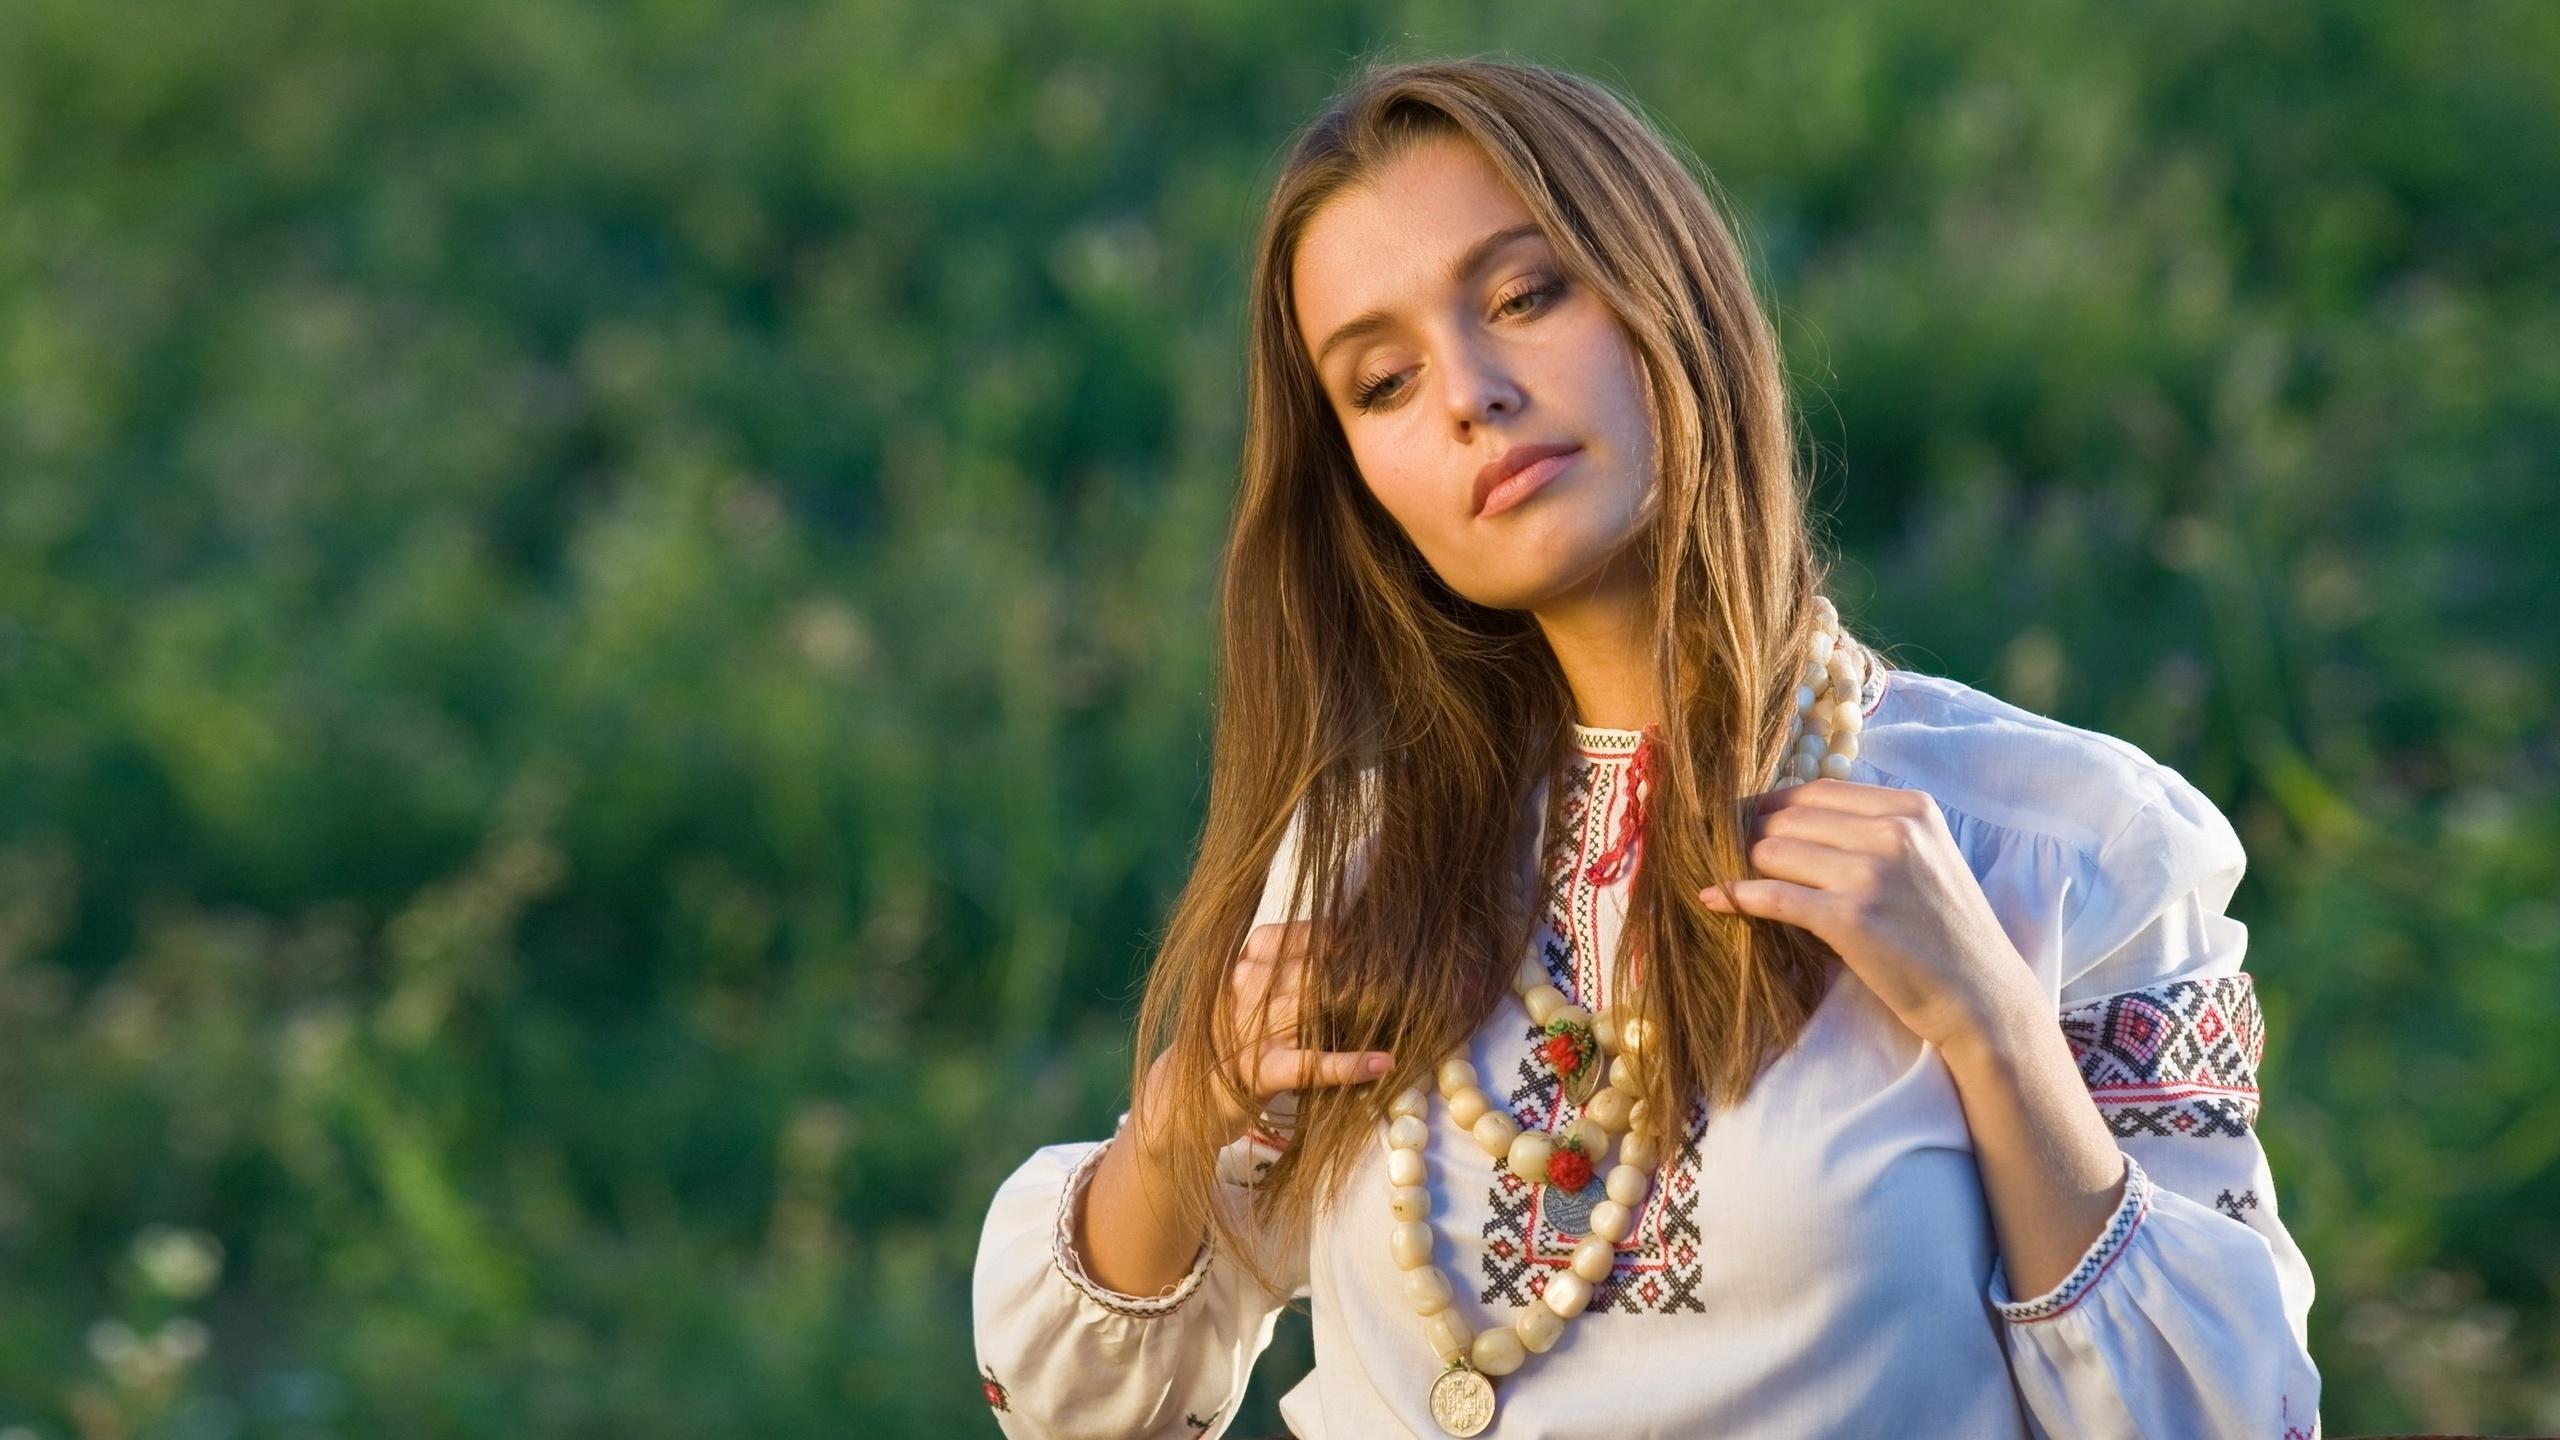 эротика неповторимо молодая польская красотка материалов разрешено